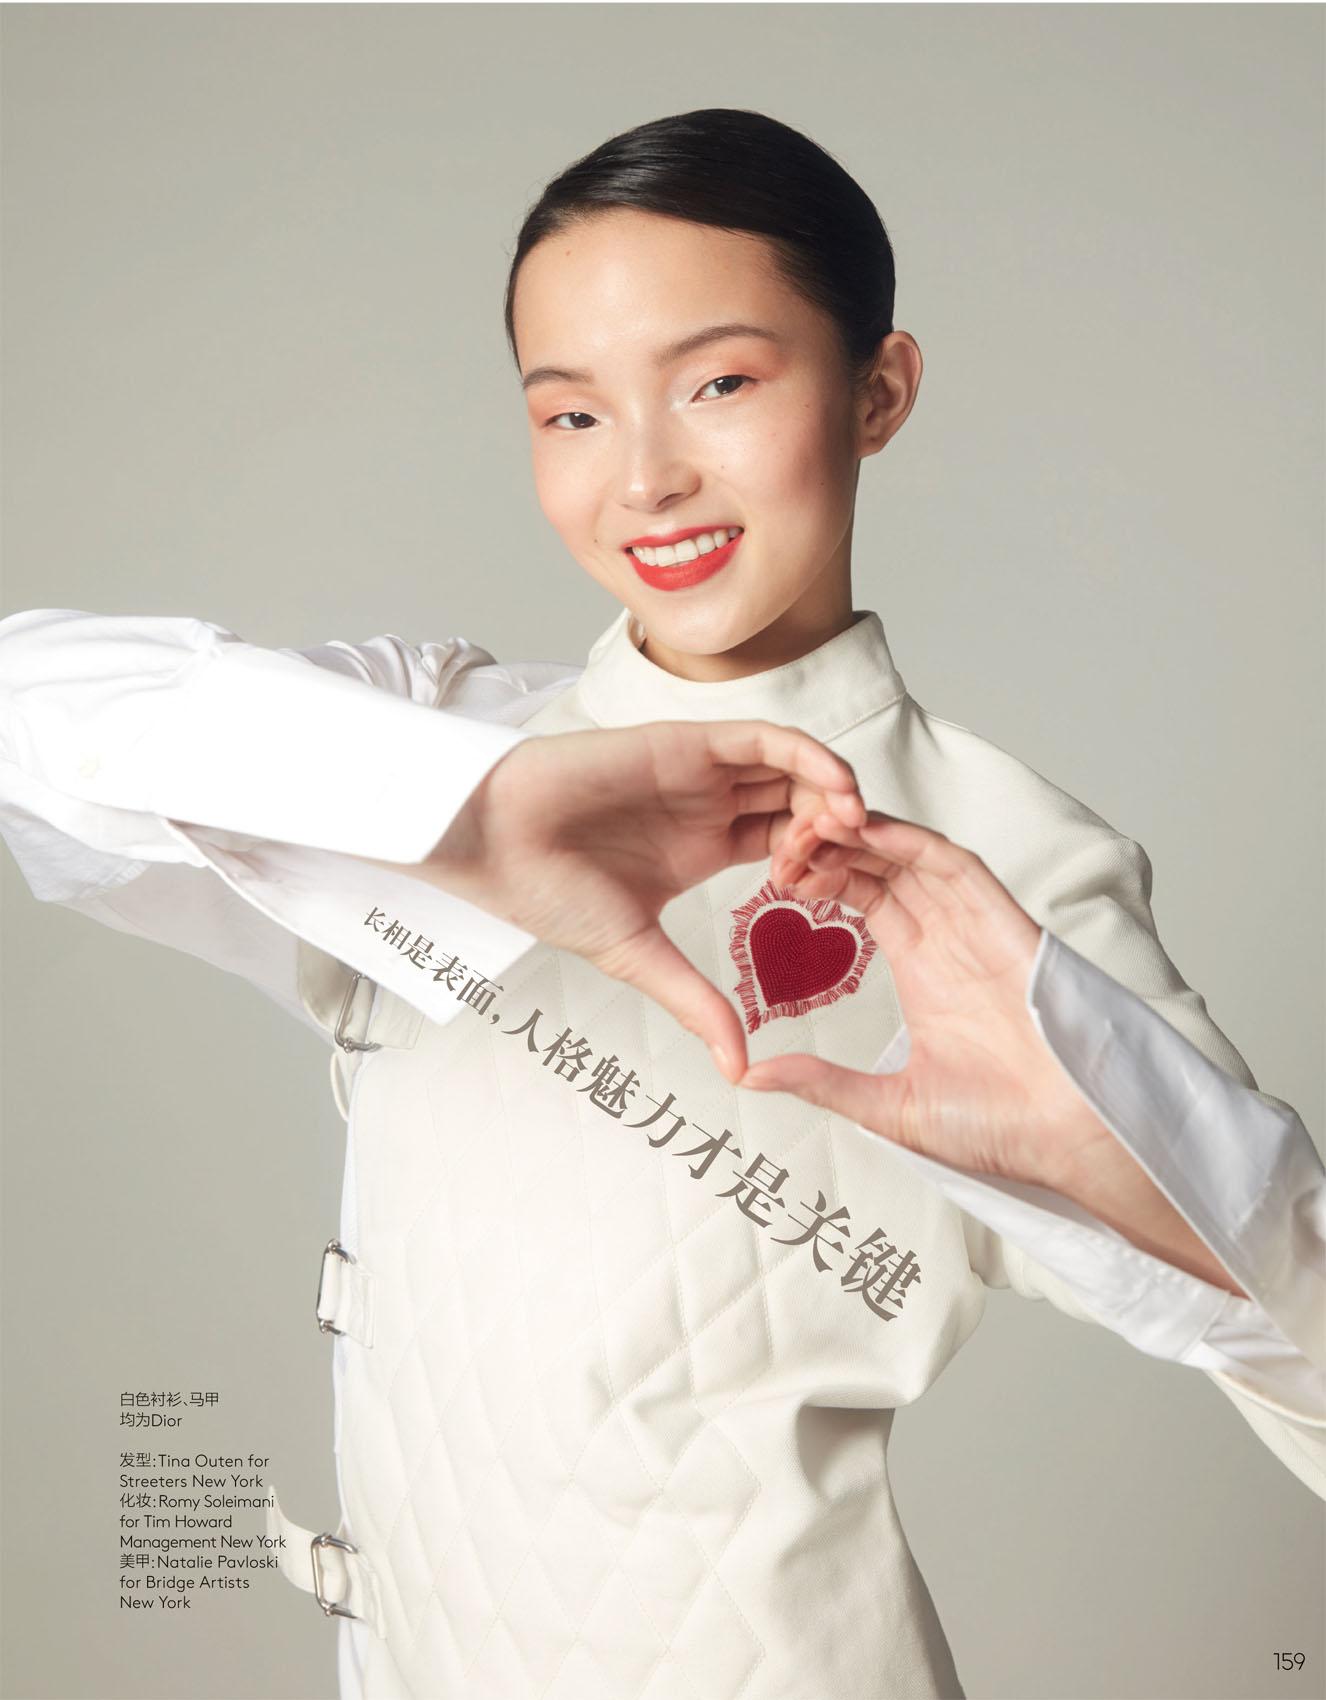 Xiowen portrait.jpg